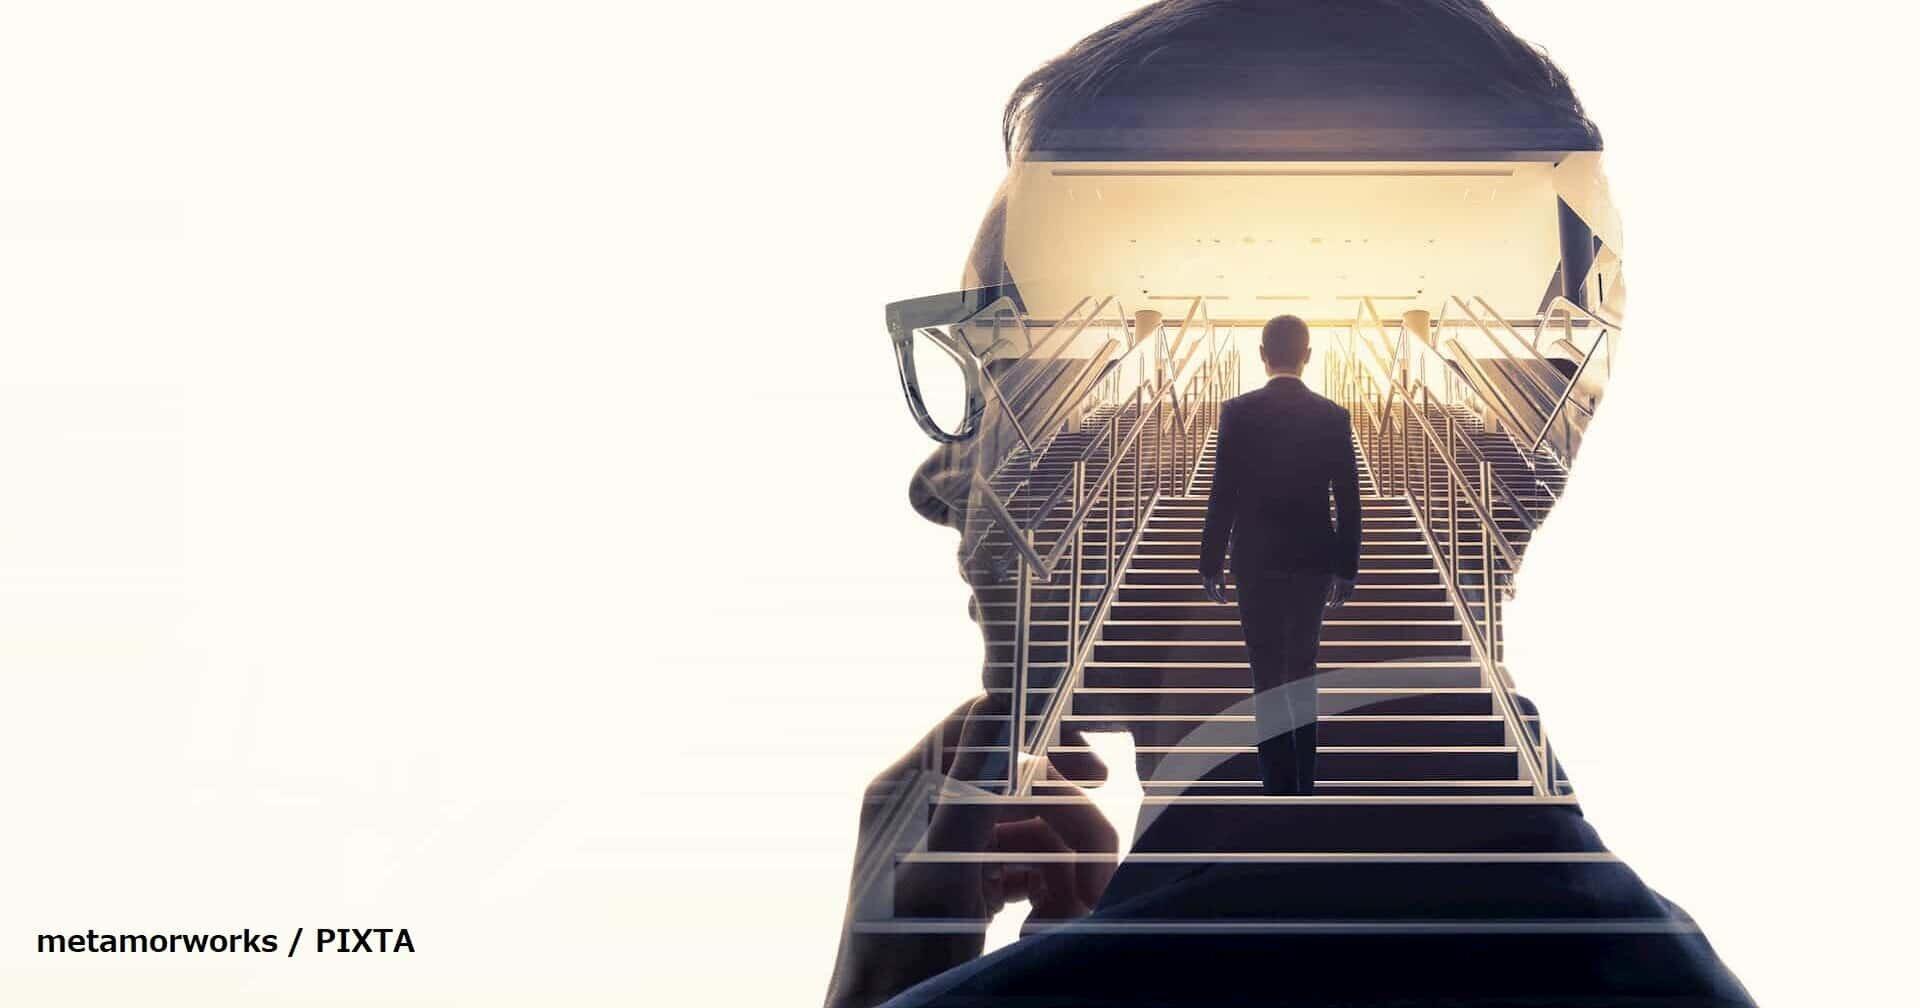 力強い成長力を生み出す「経営理念・ビジョン」とは~「成長ドライバ」のあるべき姿